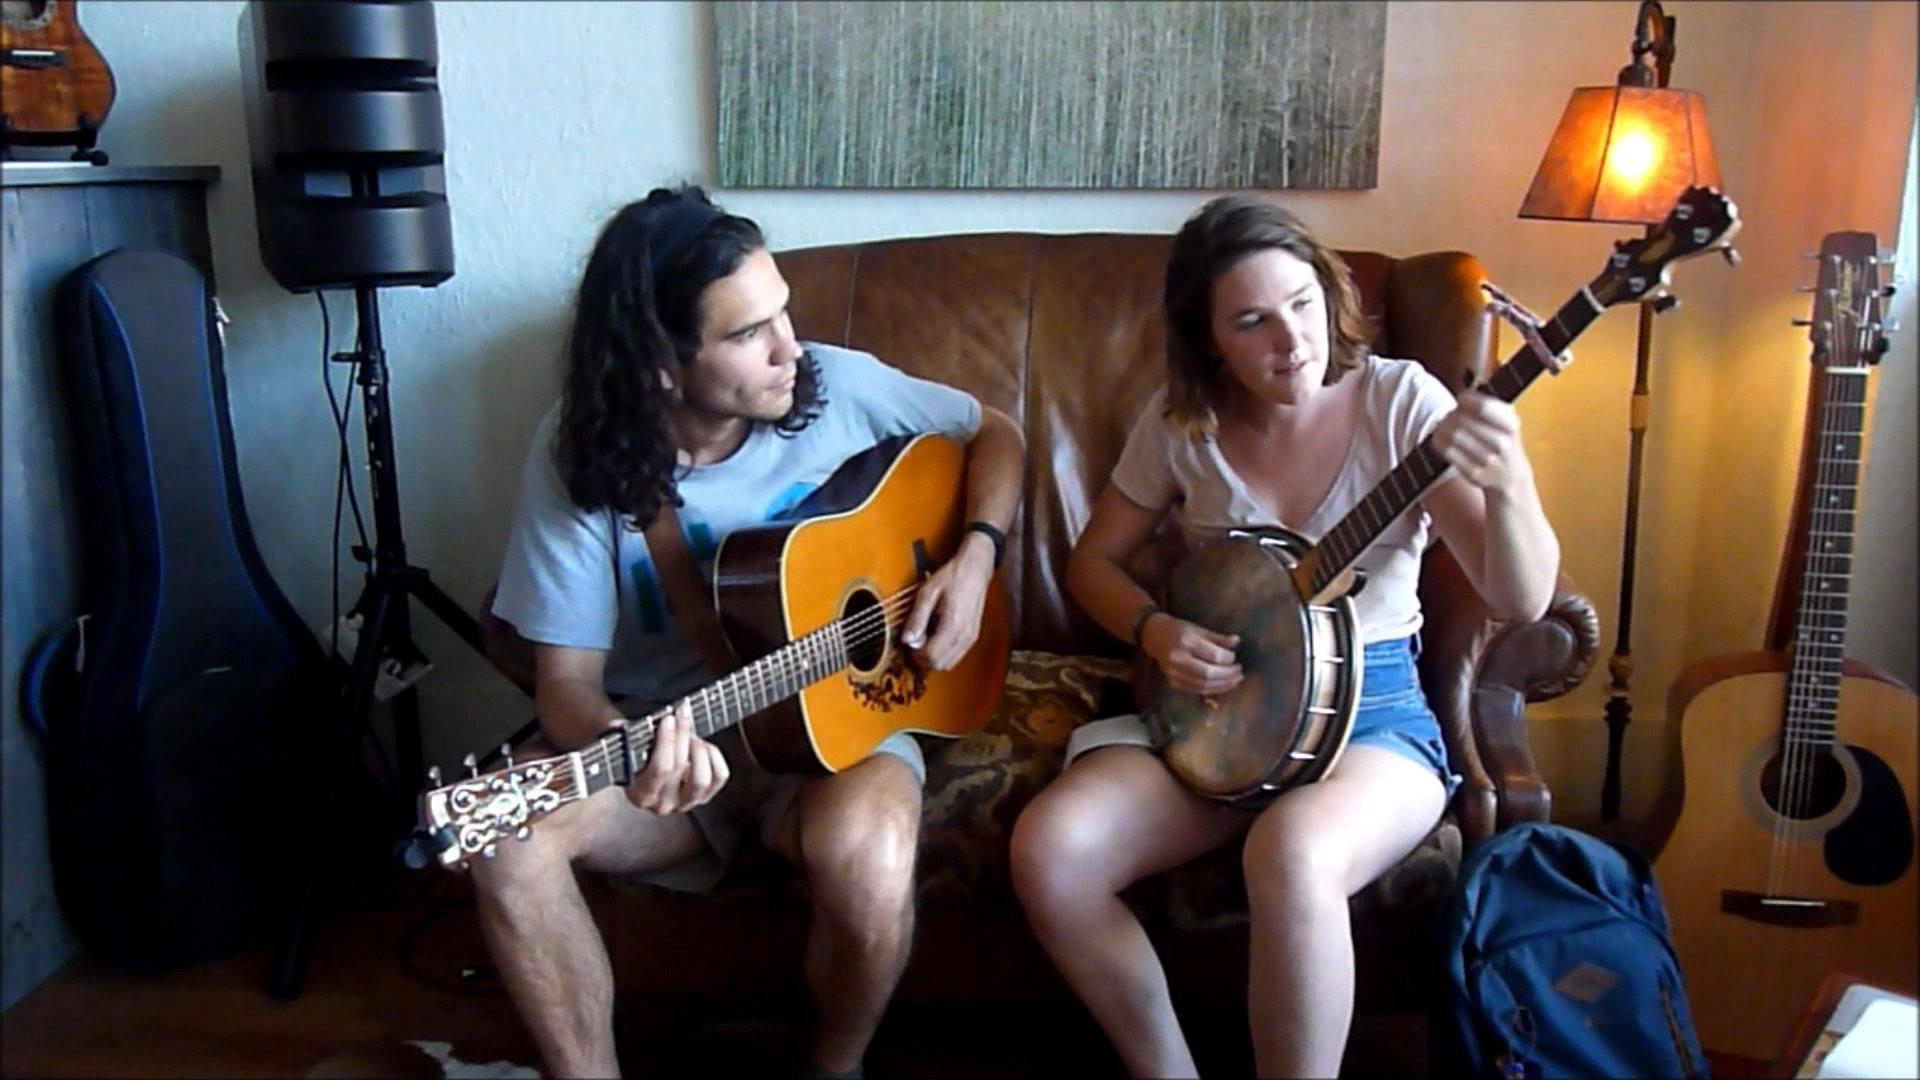 Steel Betty - Caroline (featuring a Kutthroat StringWorks Banjo)